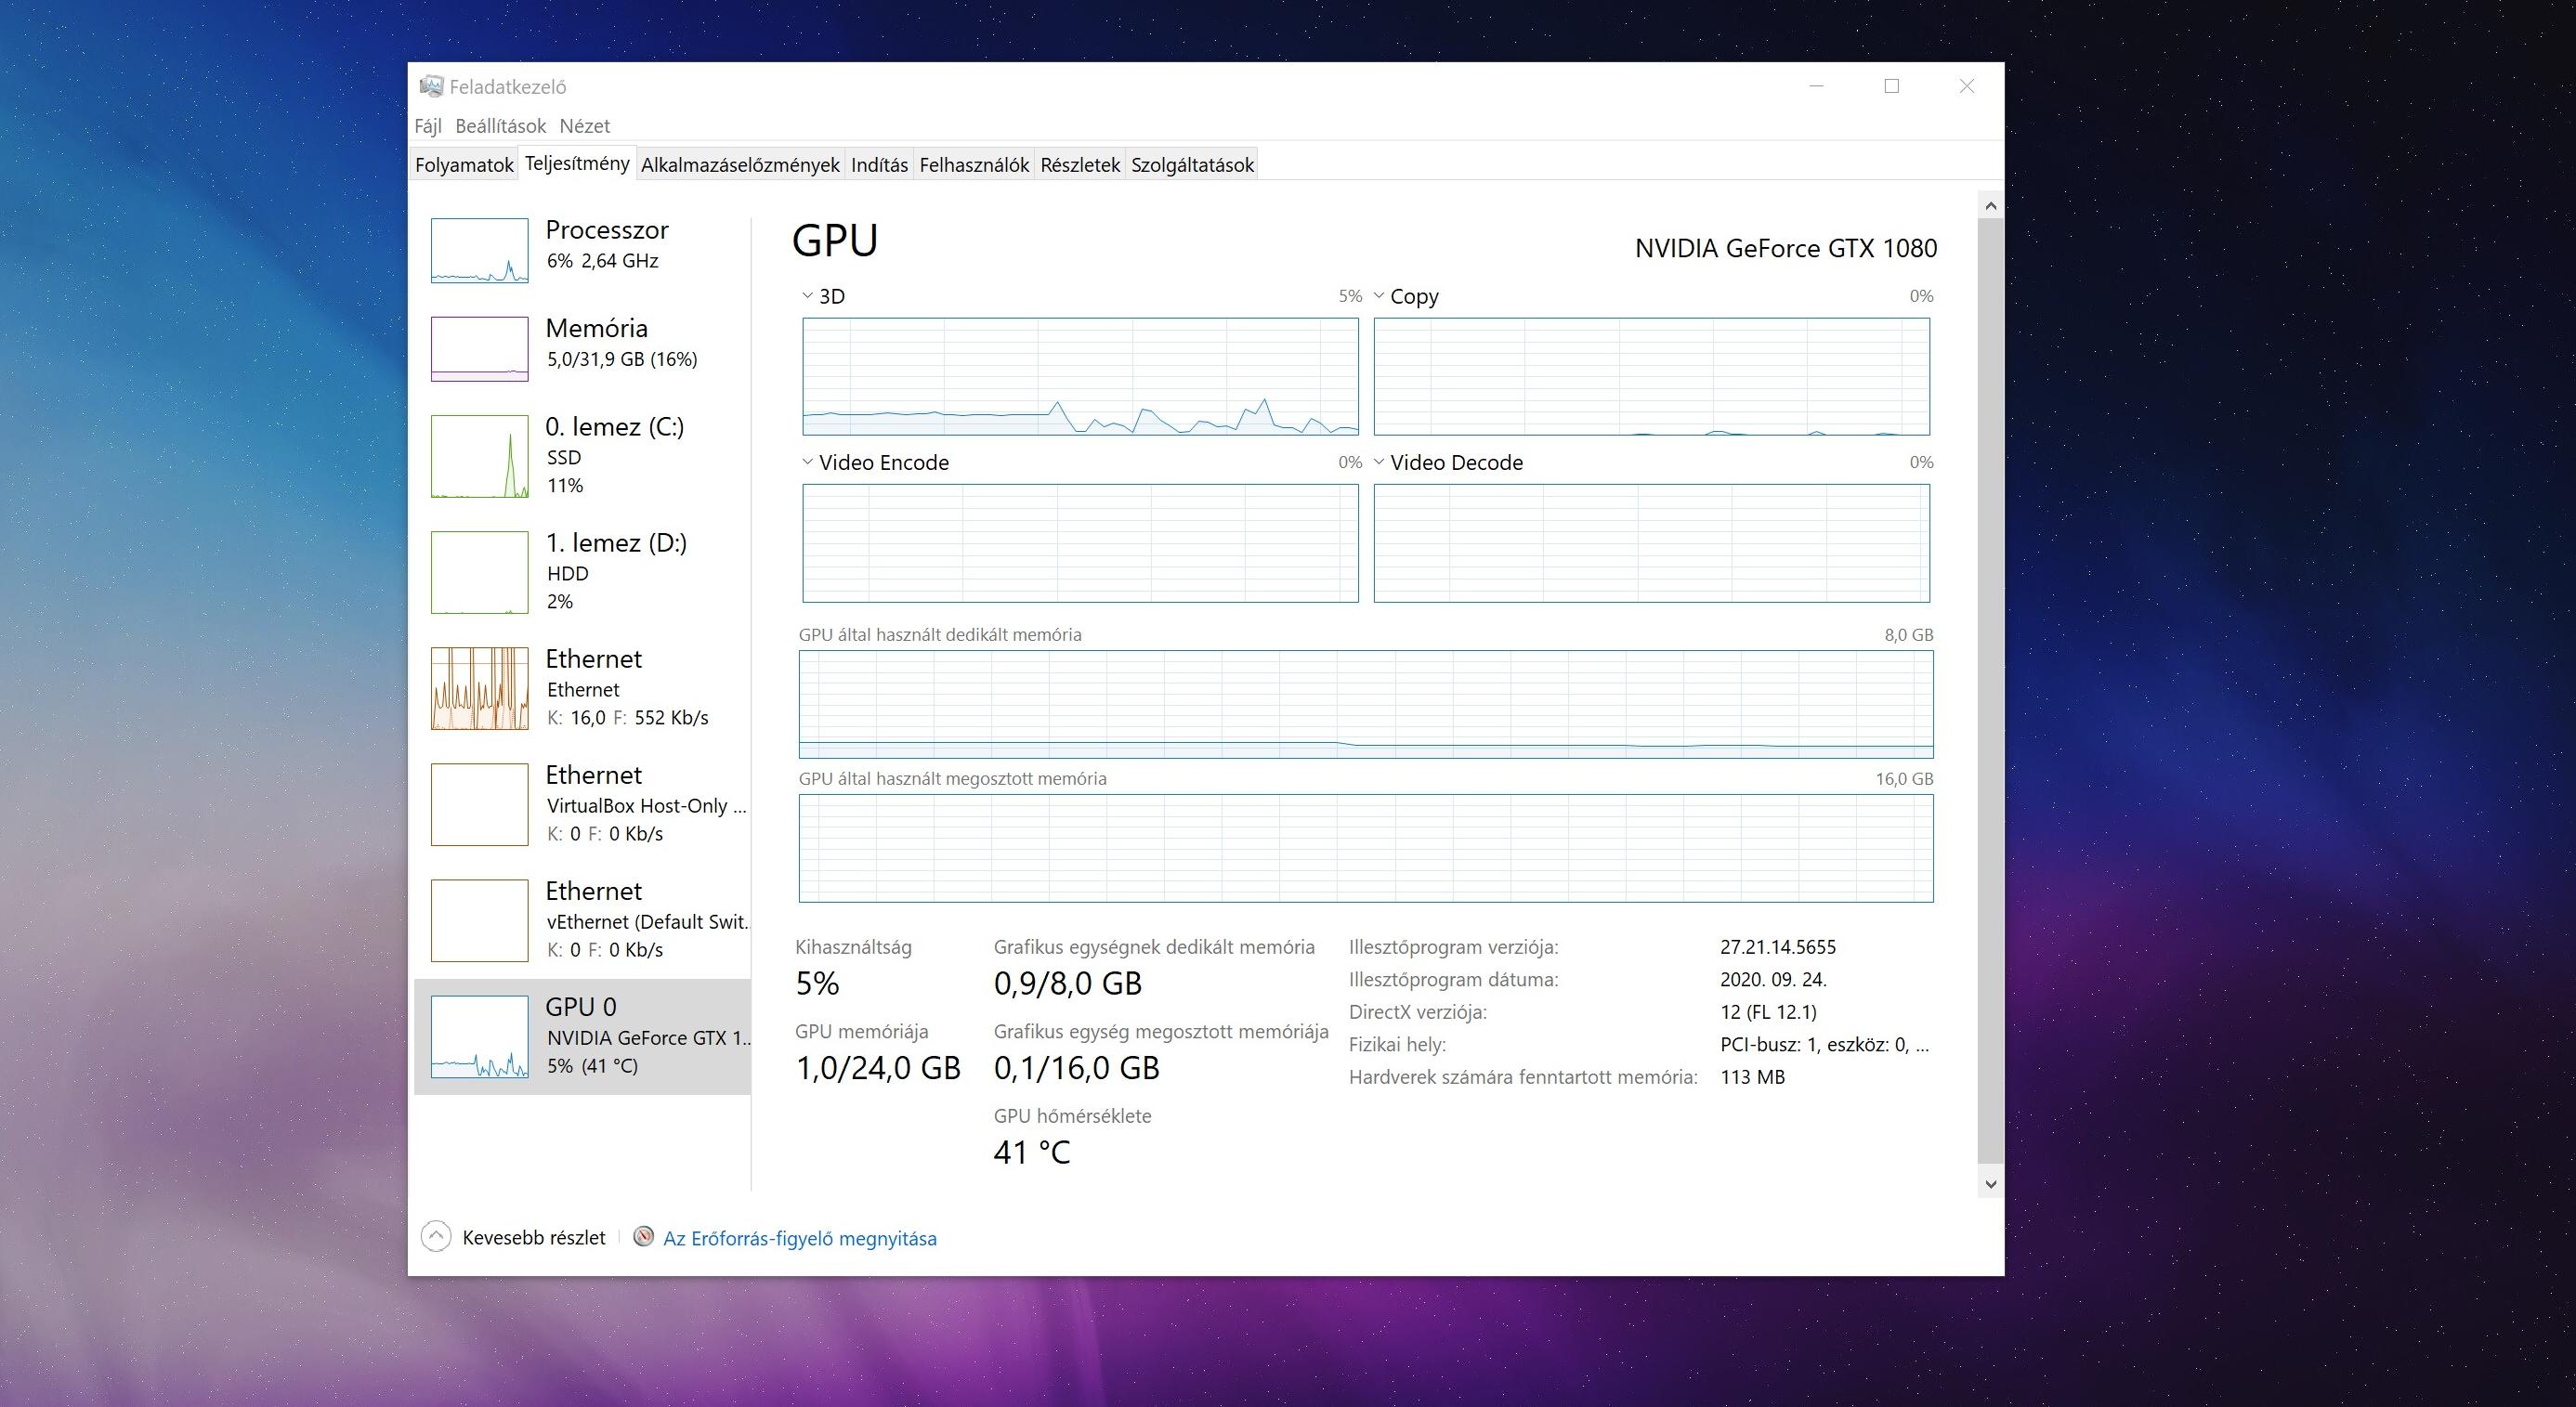 Windows 10 feladatkezelője immáron részletes videókártya adatokat nyújt